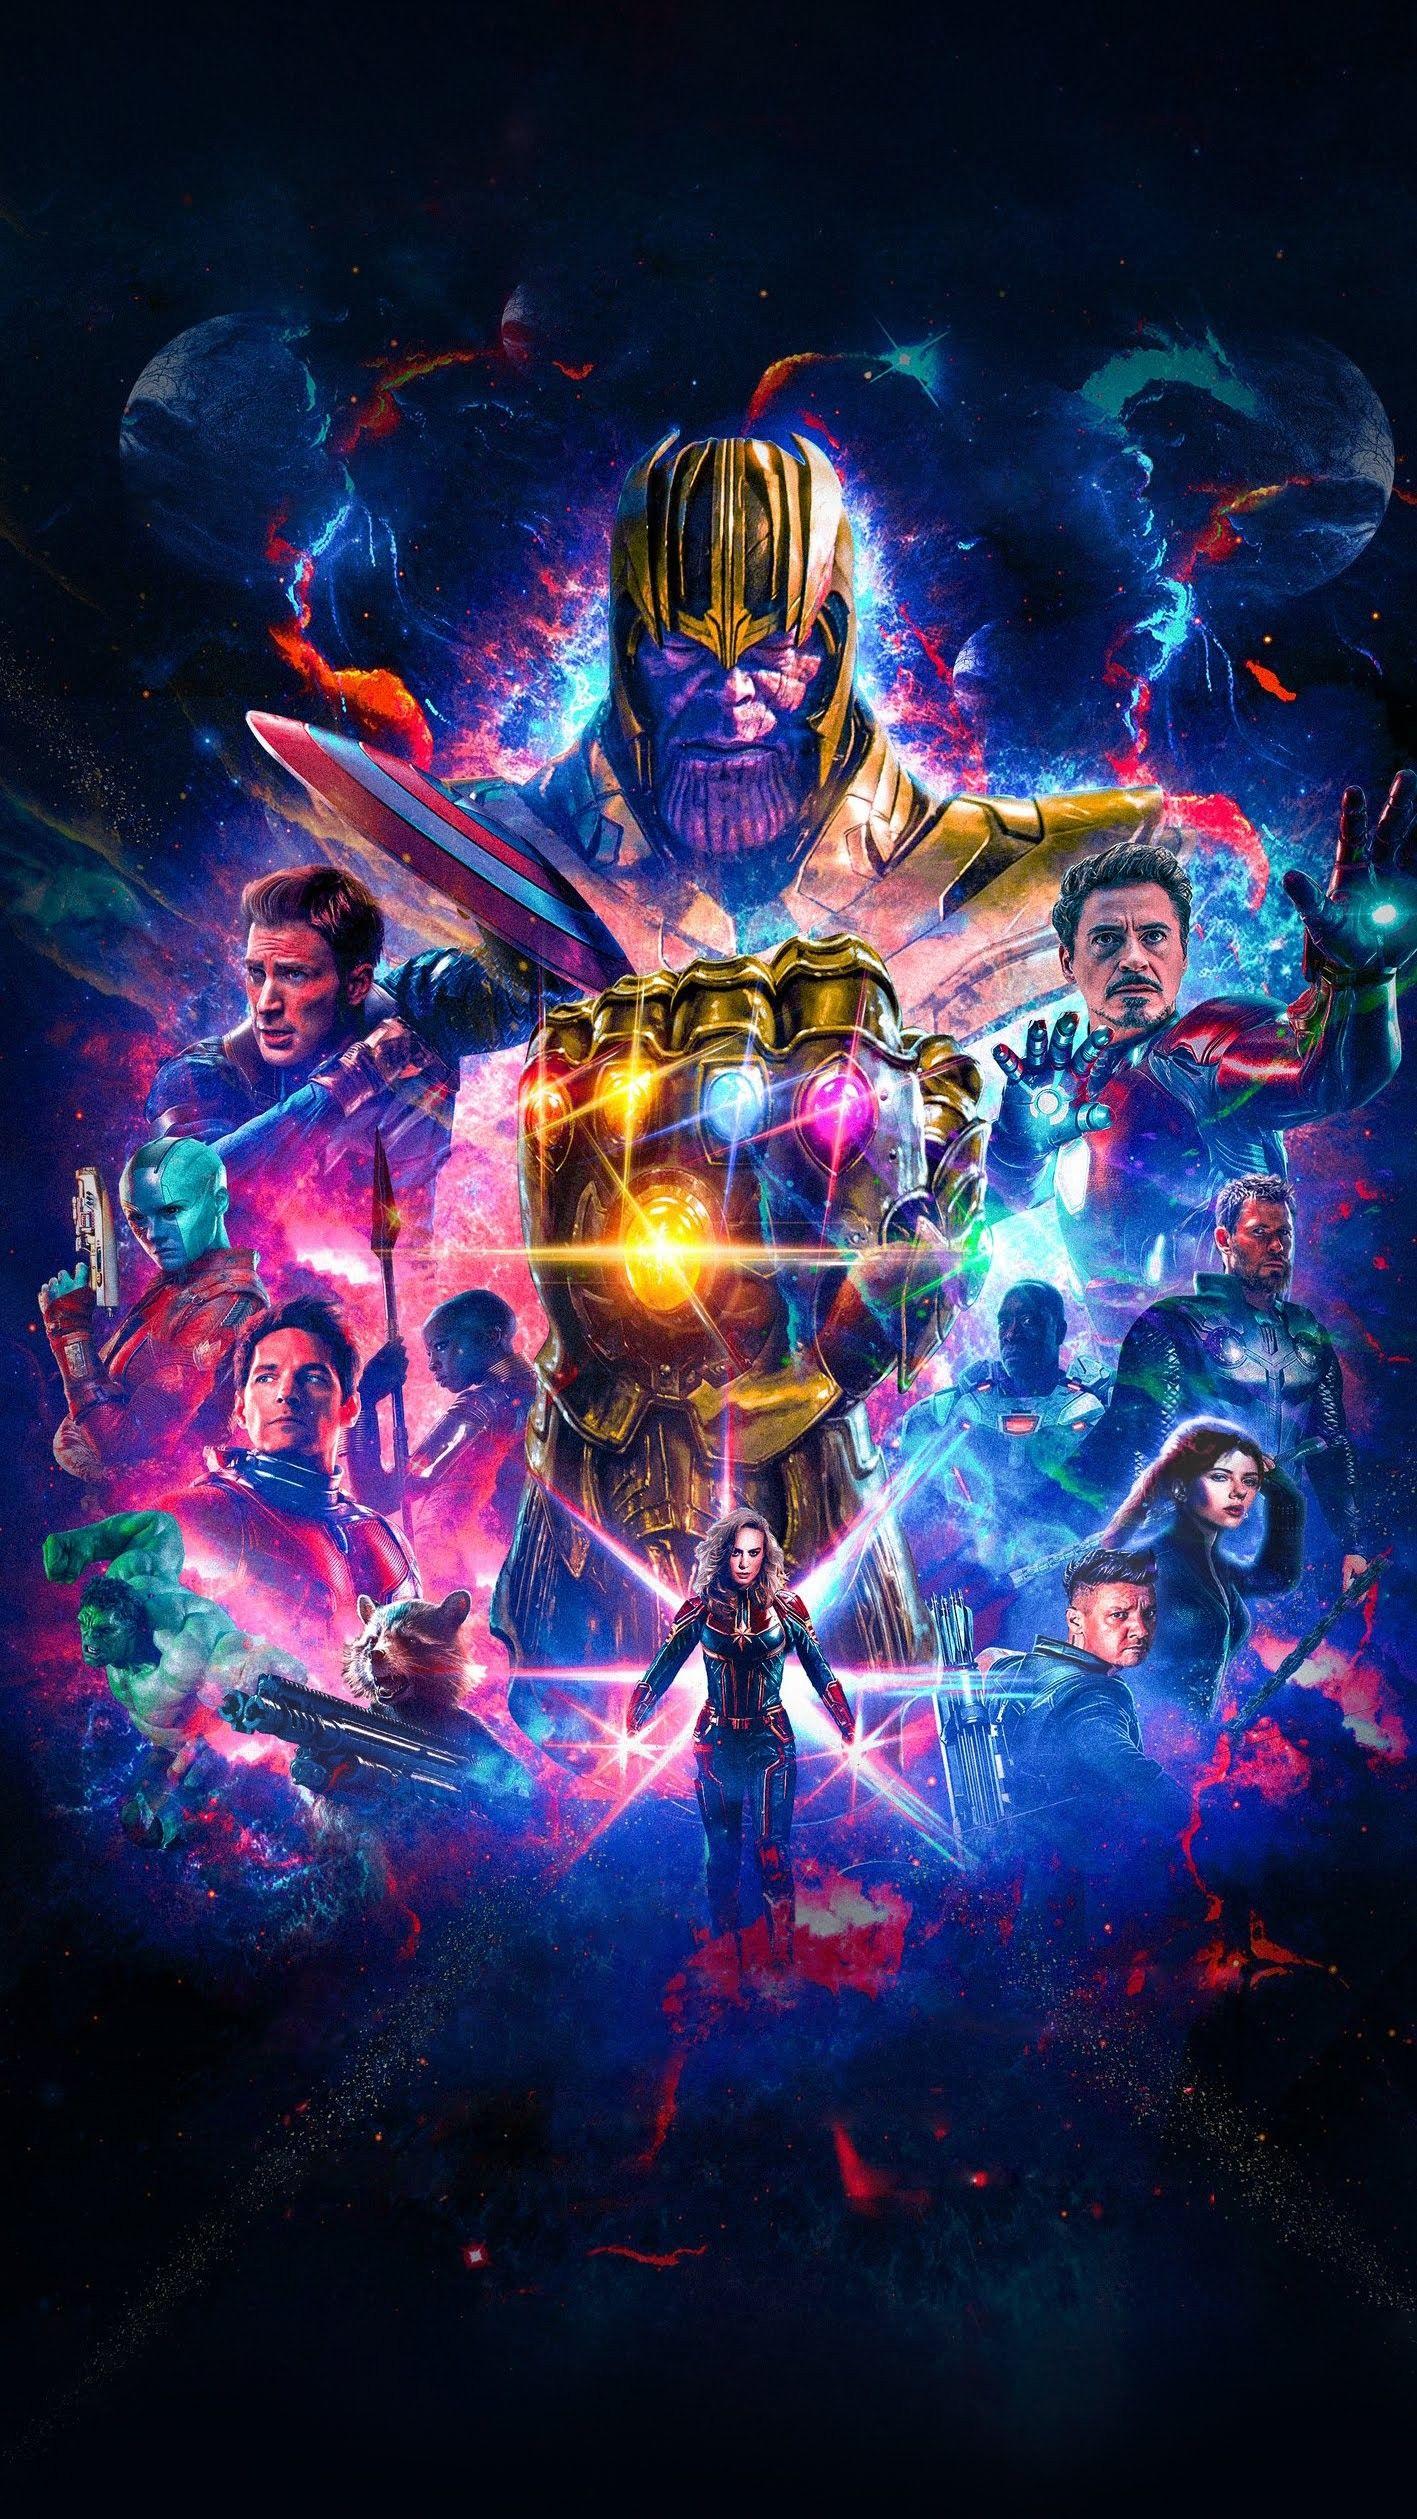 Pin De Vasileva Arina Em Marvel Filme Os Vingadores Thanos